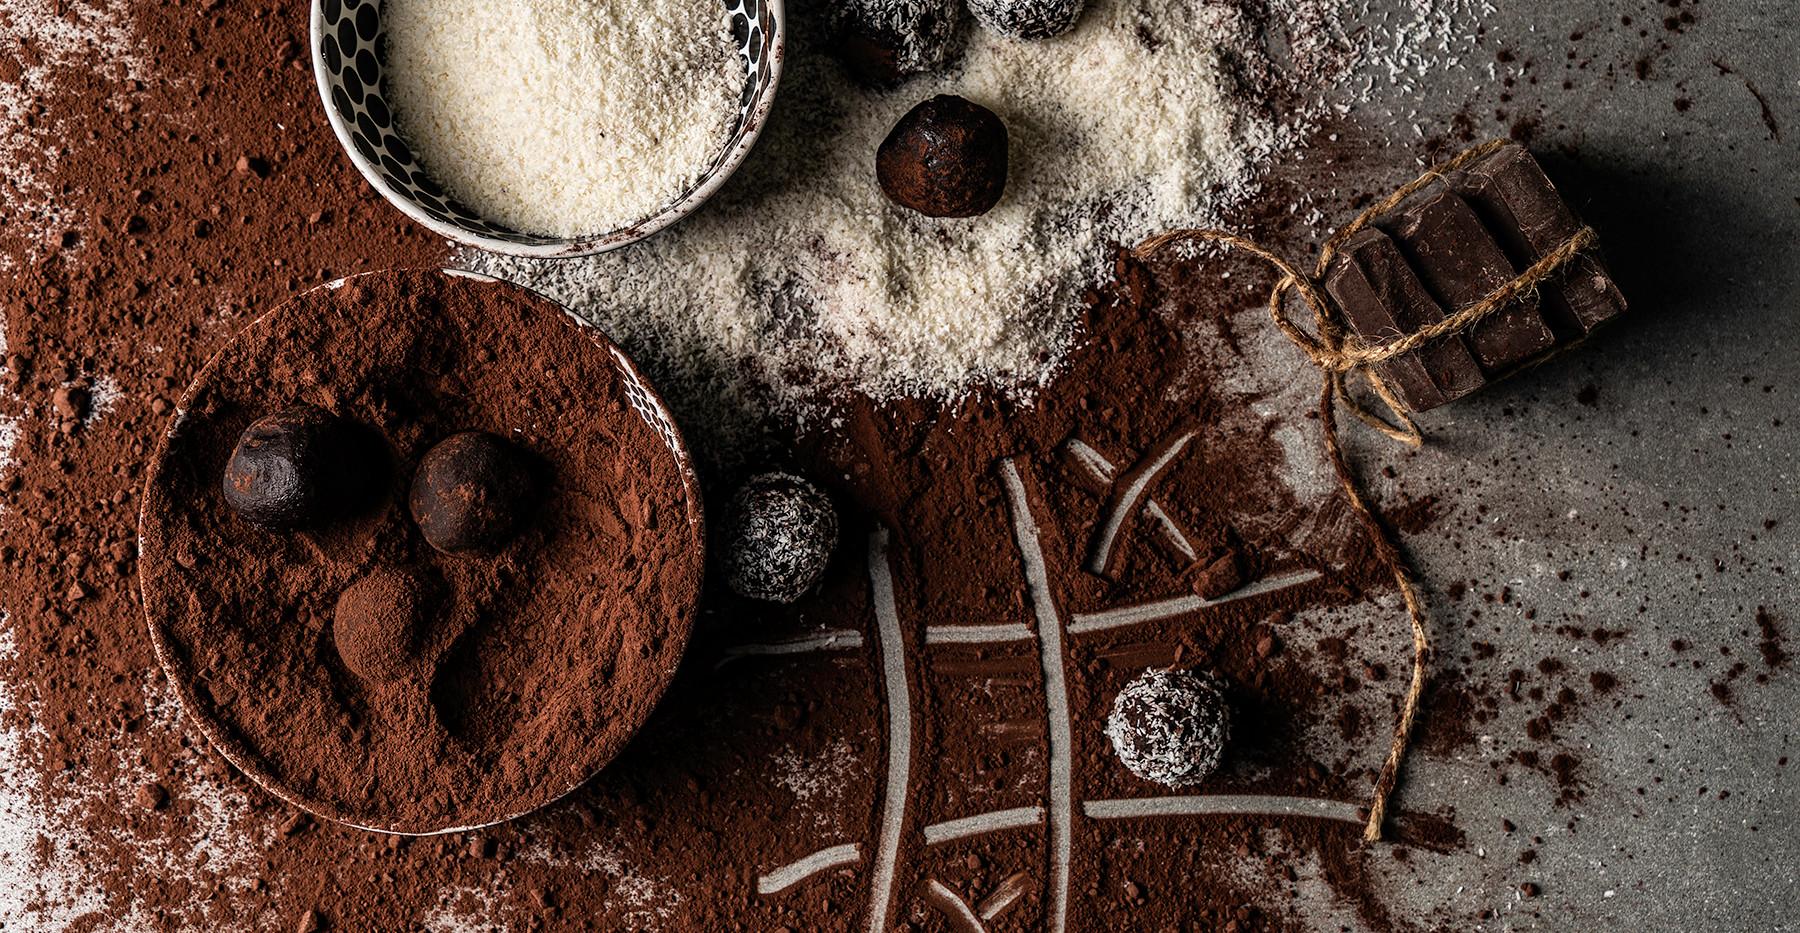 איקס עיגול, כדורי שוקולד וקוקוס